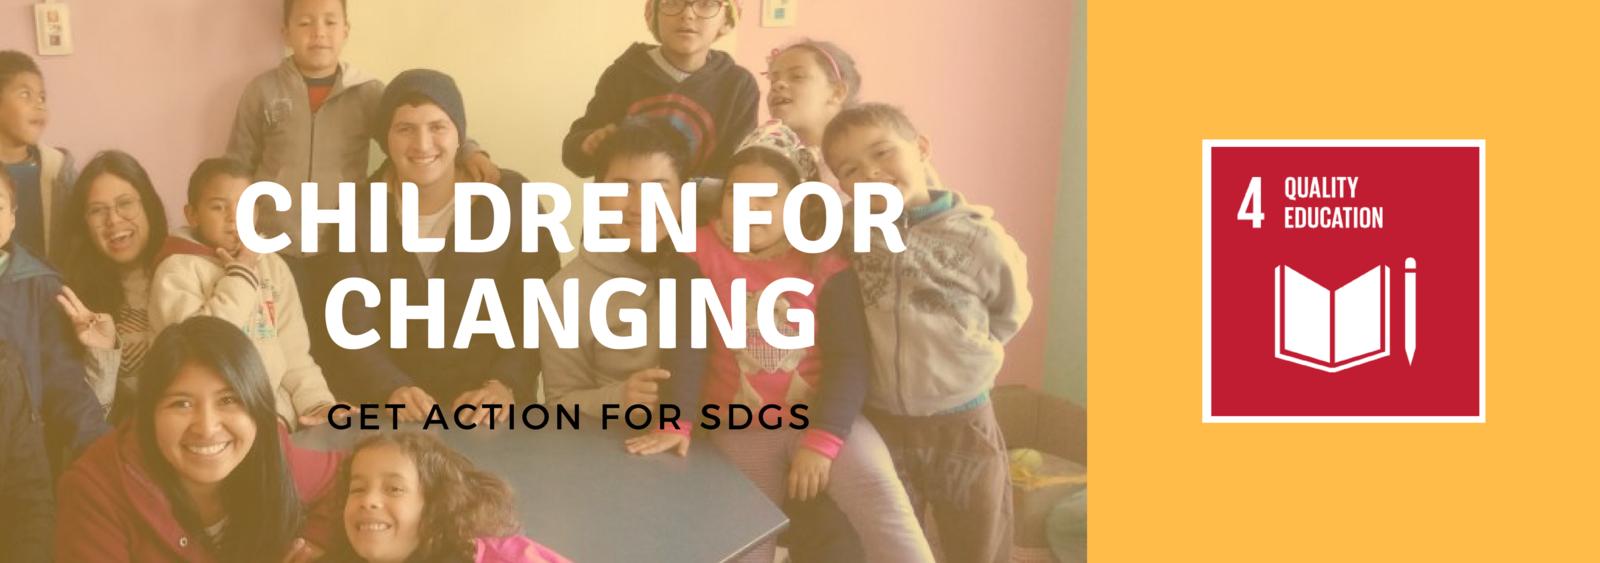 Work SDGs with Kids in Social Vunerabilty [Gira Mundo]